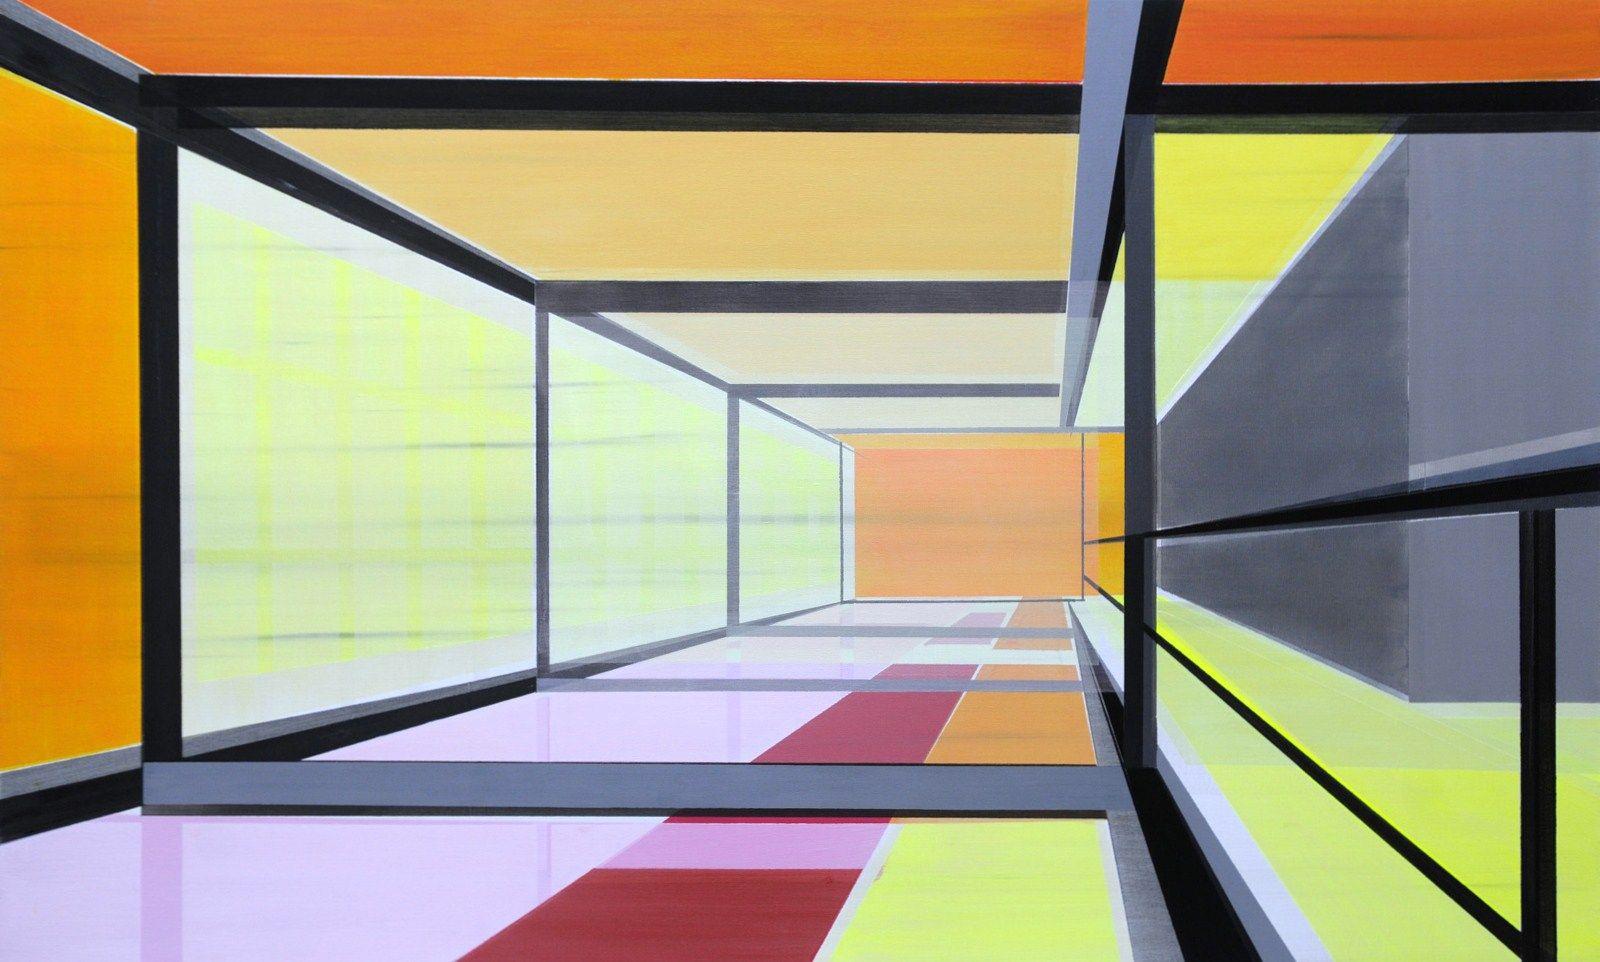 Indoorspace, 2009